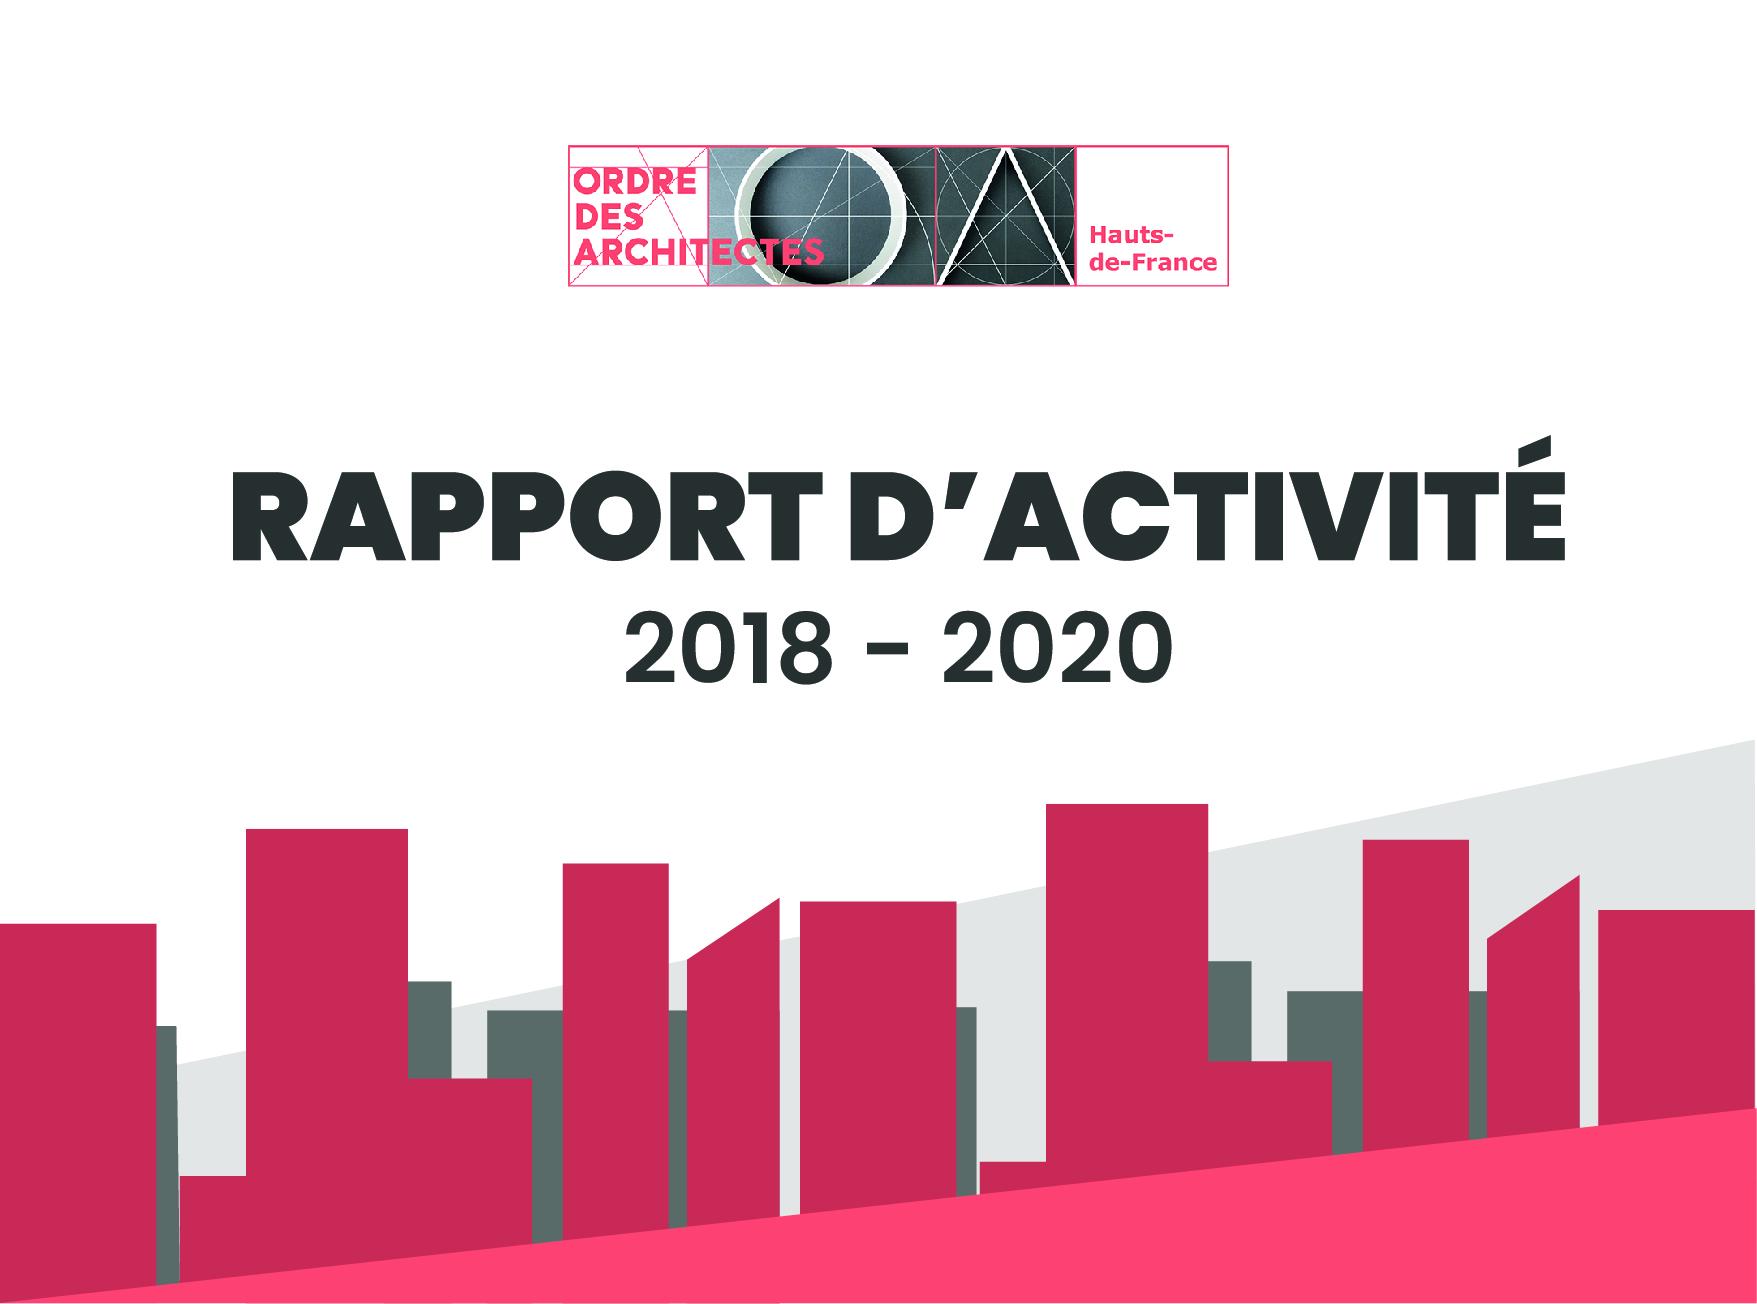 Rapport d'activité 2018 - 2020